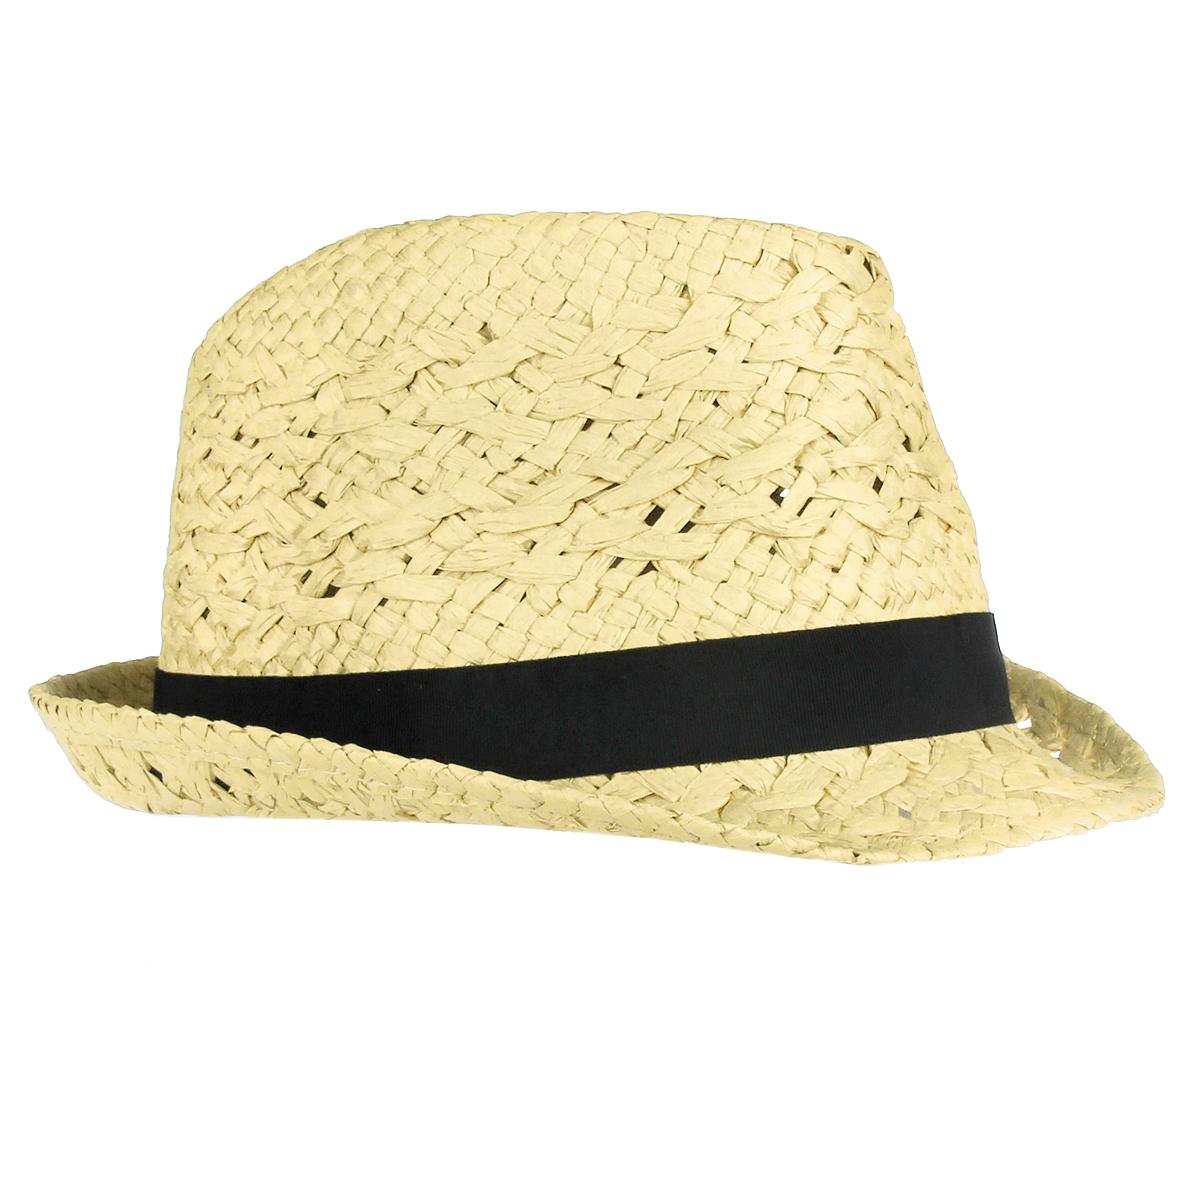 Шляпа унисекс Casa1961080Стильная летняя шляпа Canoe Casa, выполненная из искусственной соломы, станет незаменимым аксессуаром для пляжа и отдыха на природе, и обеспечит надежную защиту головы от солнца. Шляпа оформлена декоративной лентой и украшена металлическим фирменным значком. Плетение шляпы обеспечивает необходимую вентиляцию и комфорт даже в самый знойный день. Шляпа легко восстанавливает свою форму после сжатия. Такая шляпа подчеркнет вашу неповторимость и дополнит ваш повседневный образ.